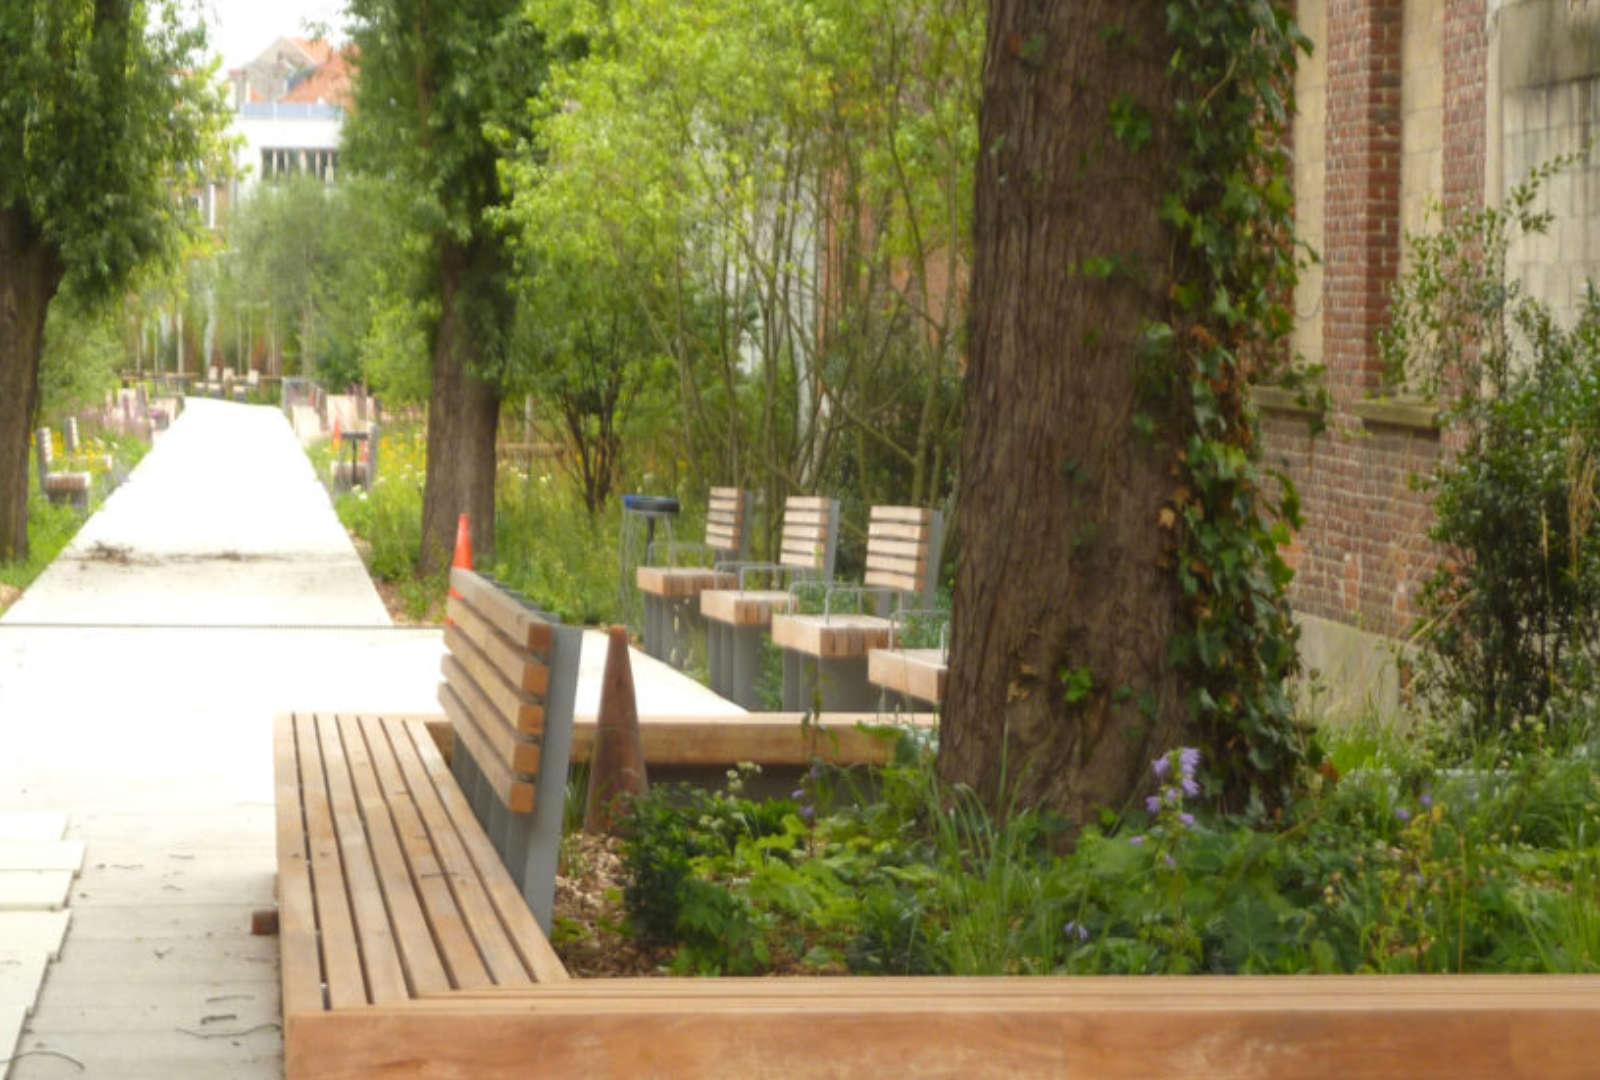 Le parc de la Sennette, un nouveau parc urbain dans le centre de Bruxelles